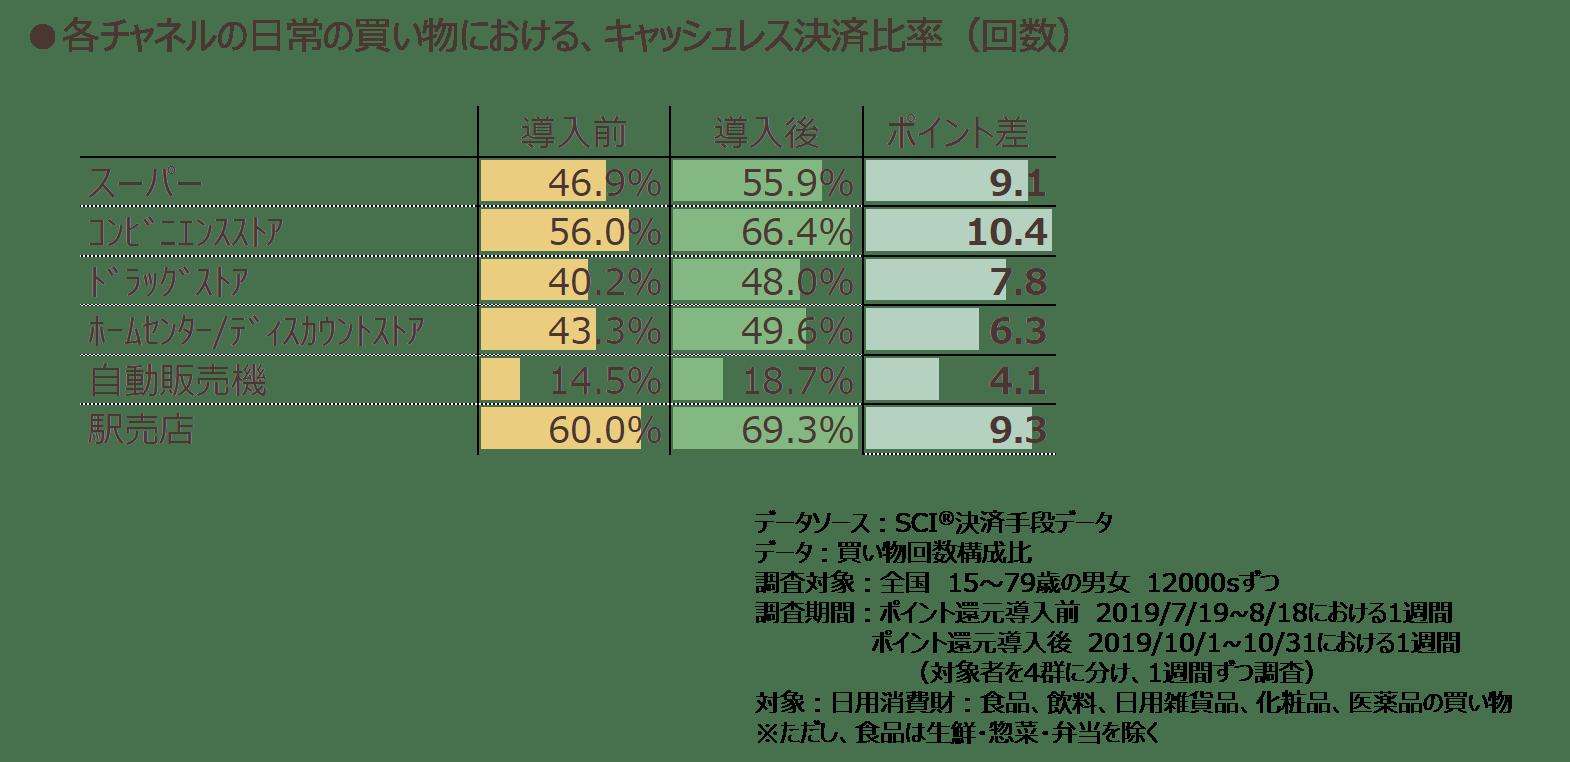 各チャネルの日常の買い物における、キャッシュレス決済比率(回数)